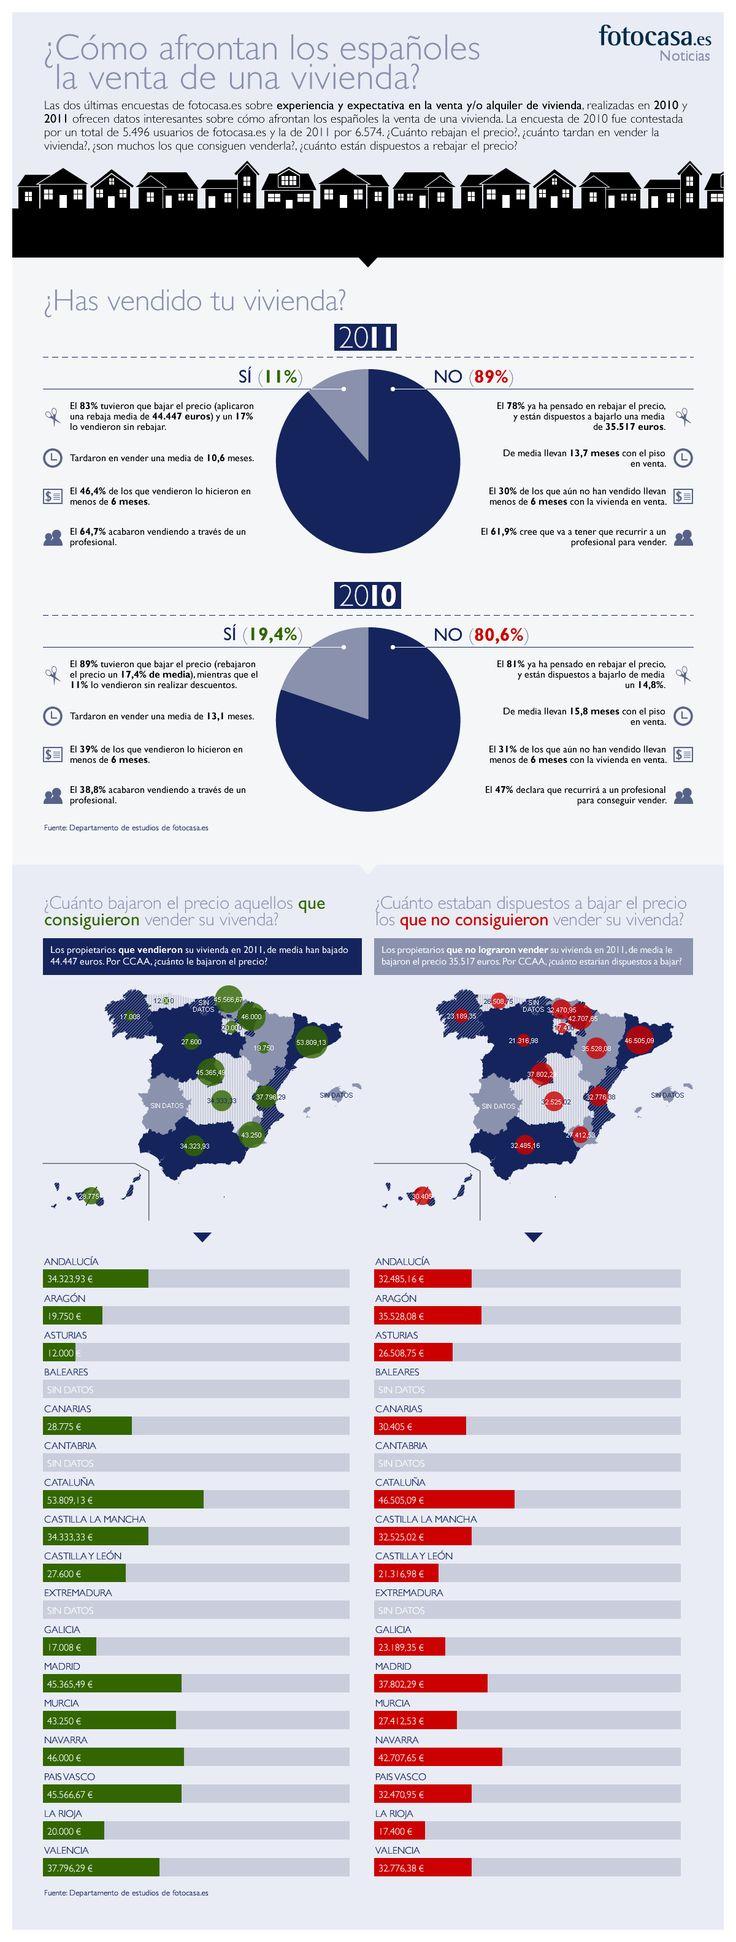 ¿Cómo afrontan los españoles la venta de una vivienda?, ¿cuánto están dispuetos a rebajar el precio?, ¿cuánto tardan en vender la vivienda?, ¿son muchos los que consiguen venderla?, ¿cuánto están dispuestos a rebajar el precio? En la siguiente infografía encontrarás respuesta a todas las preguntas.